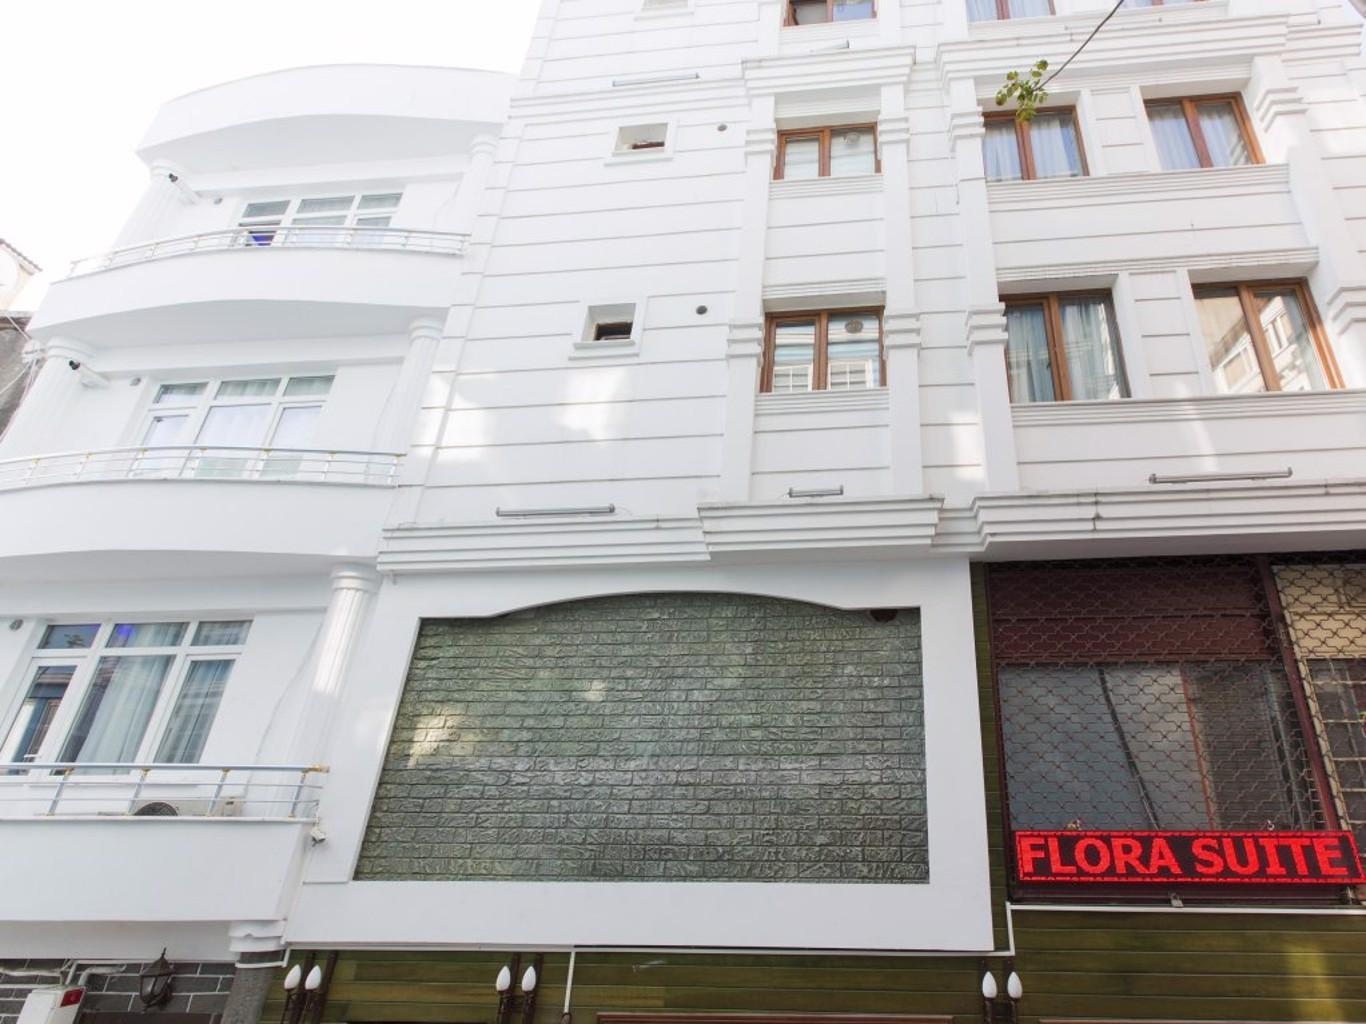 Flora Suite